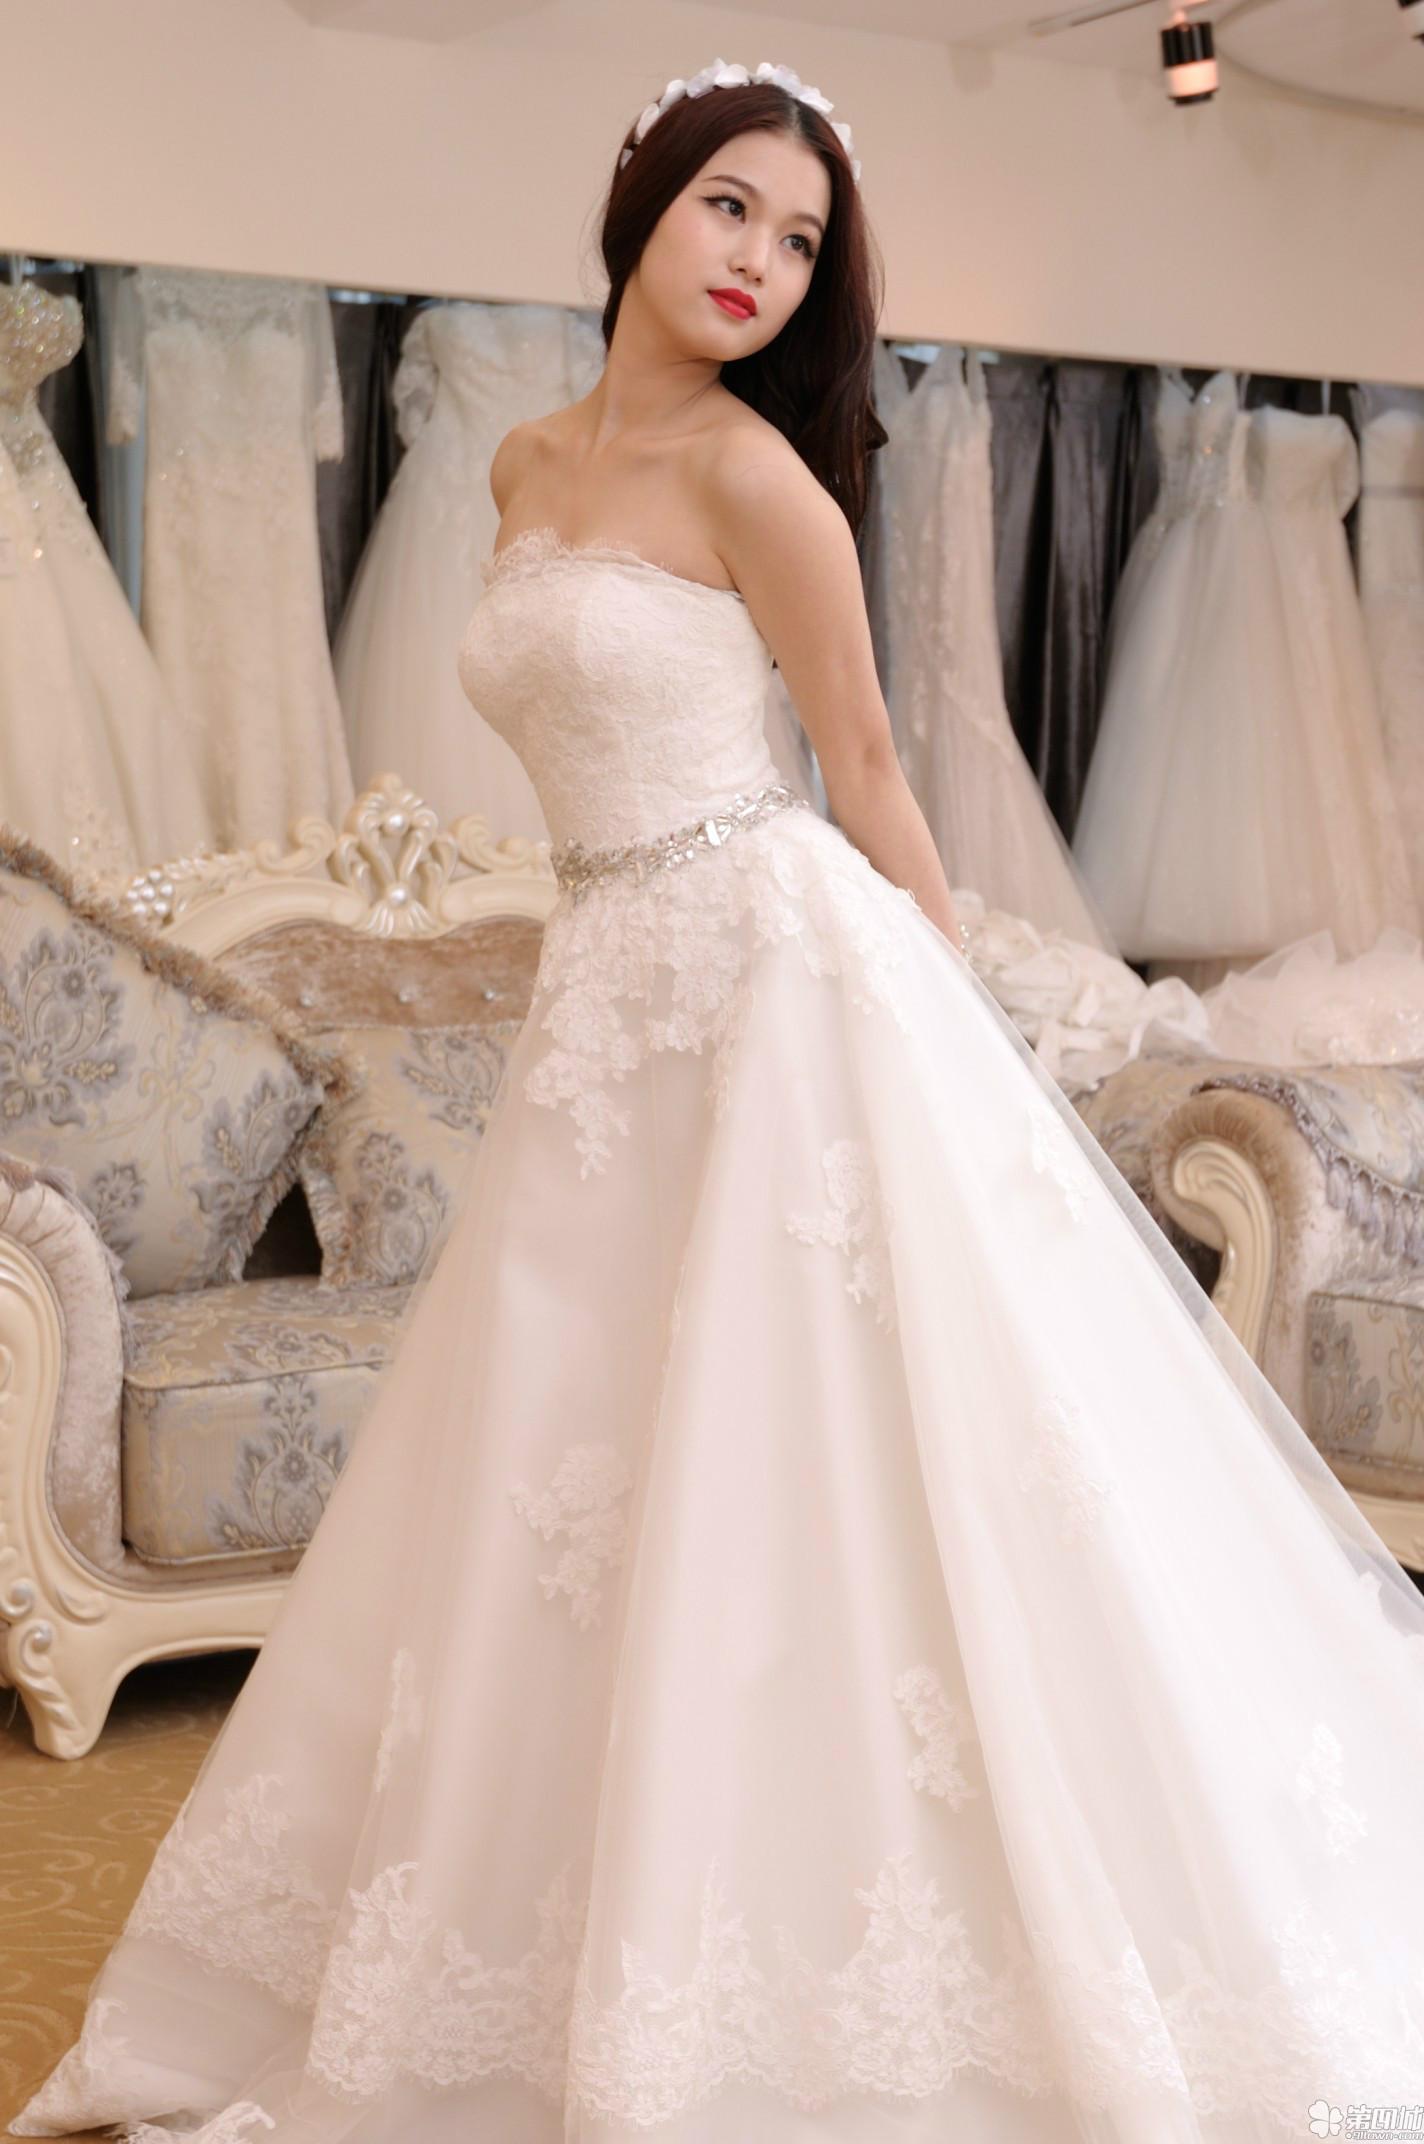 礼服婚纱款式有哪些 如何选择挑选婚纱